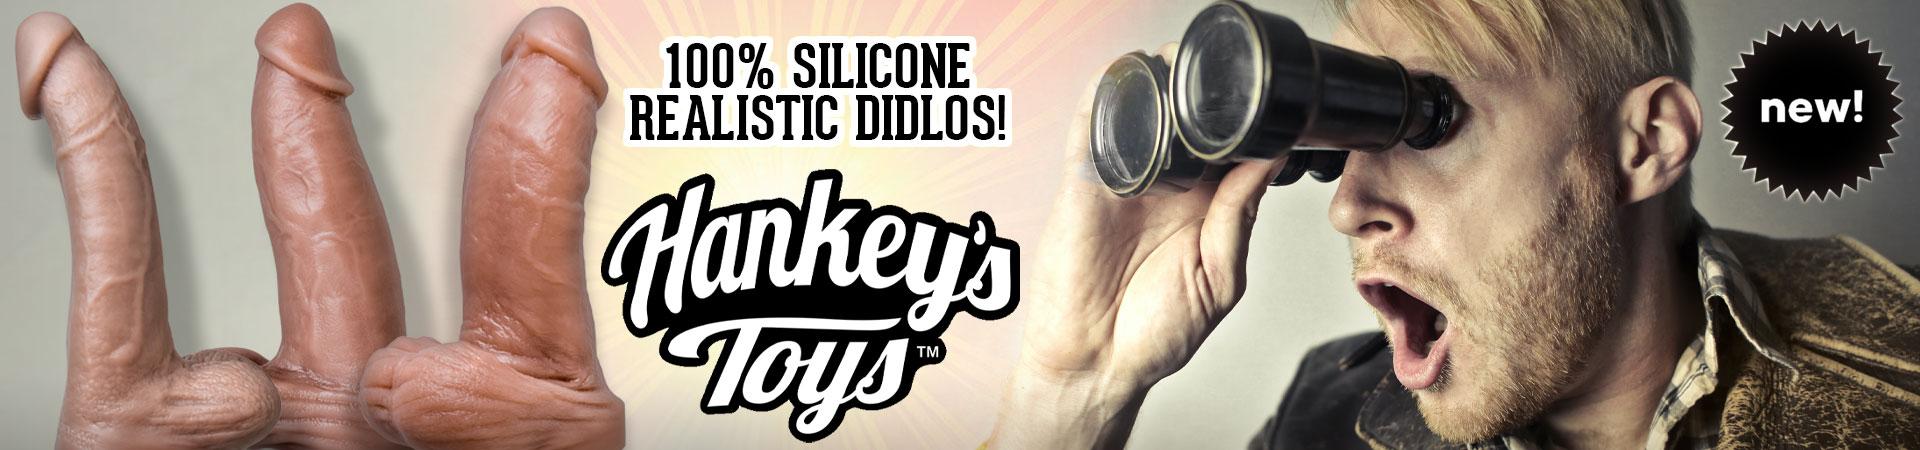 100% Silicone Realistic Dildos! Hankey's Toys!